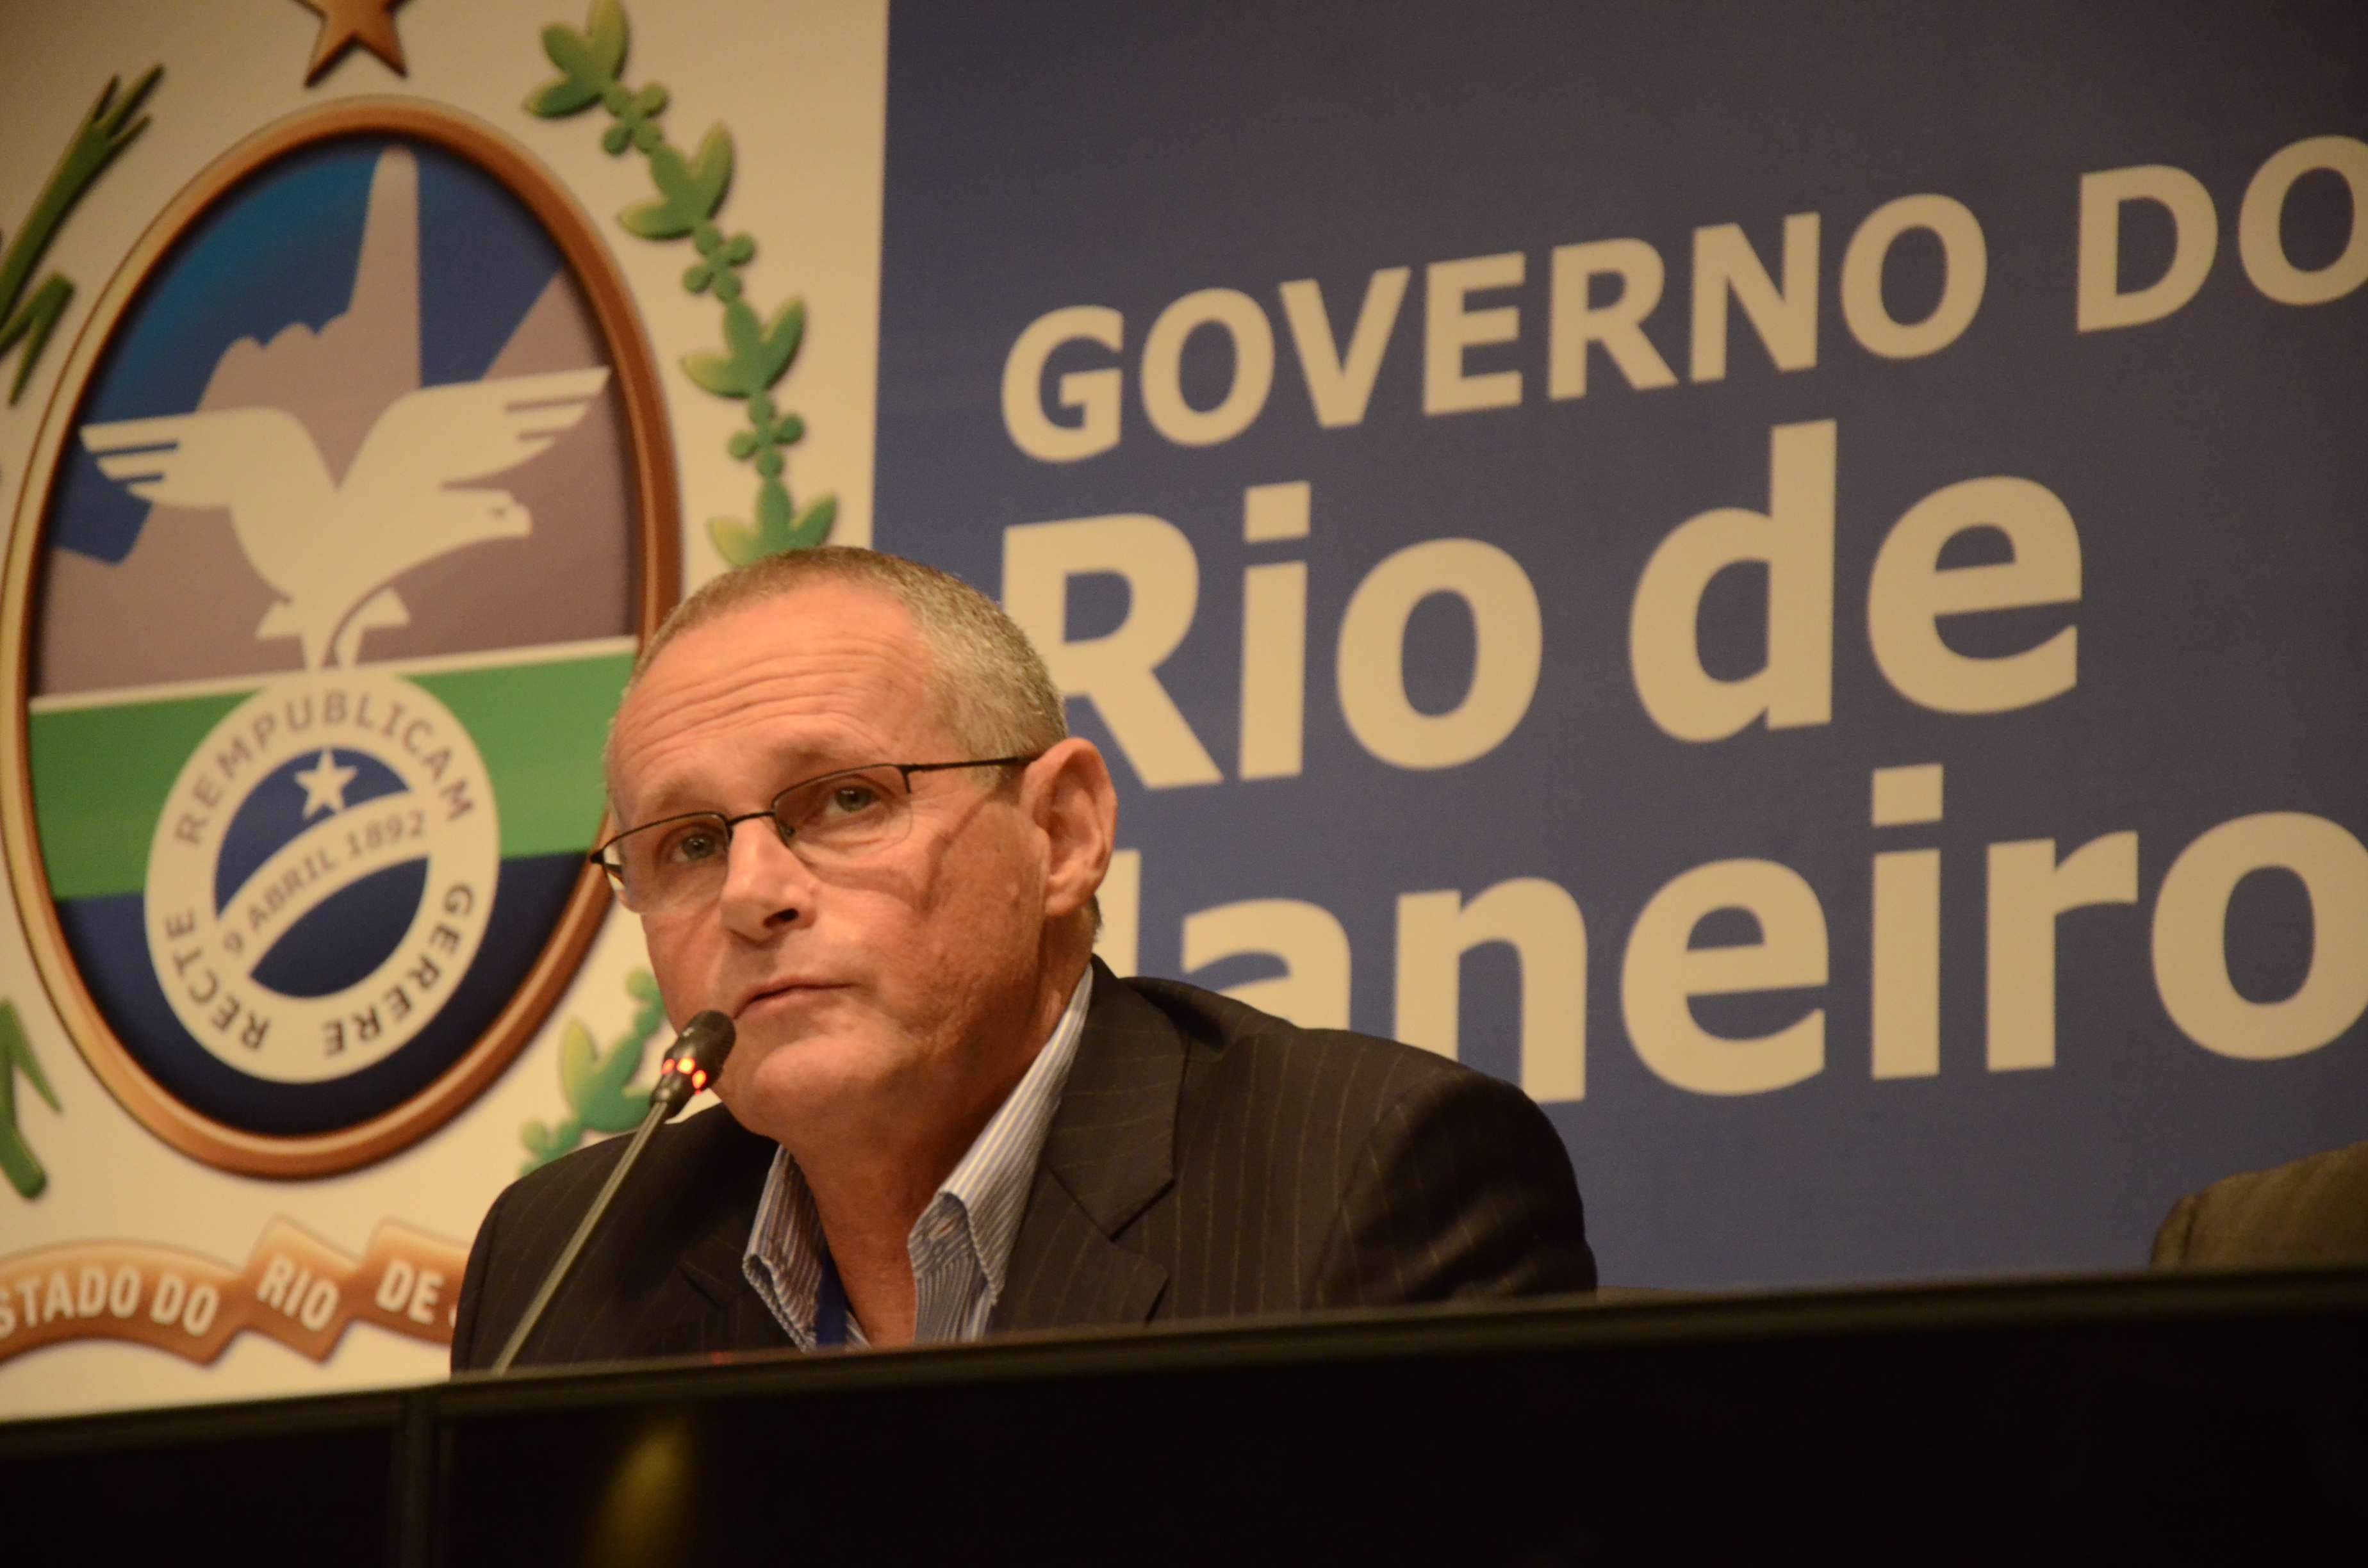 Quatro policiais foram mortos no fim de semana no Rio de Janeiro Foto: Amanda Santos/Fotos Públicas